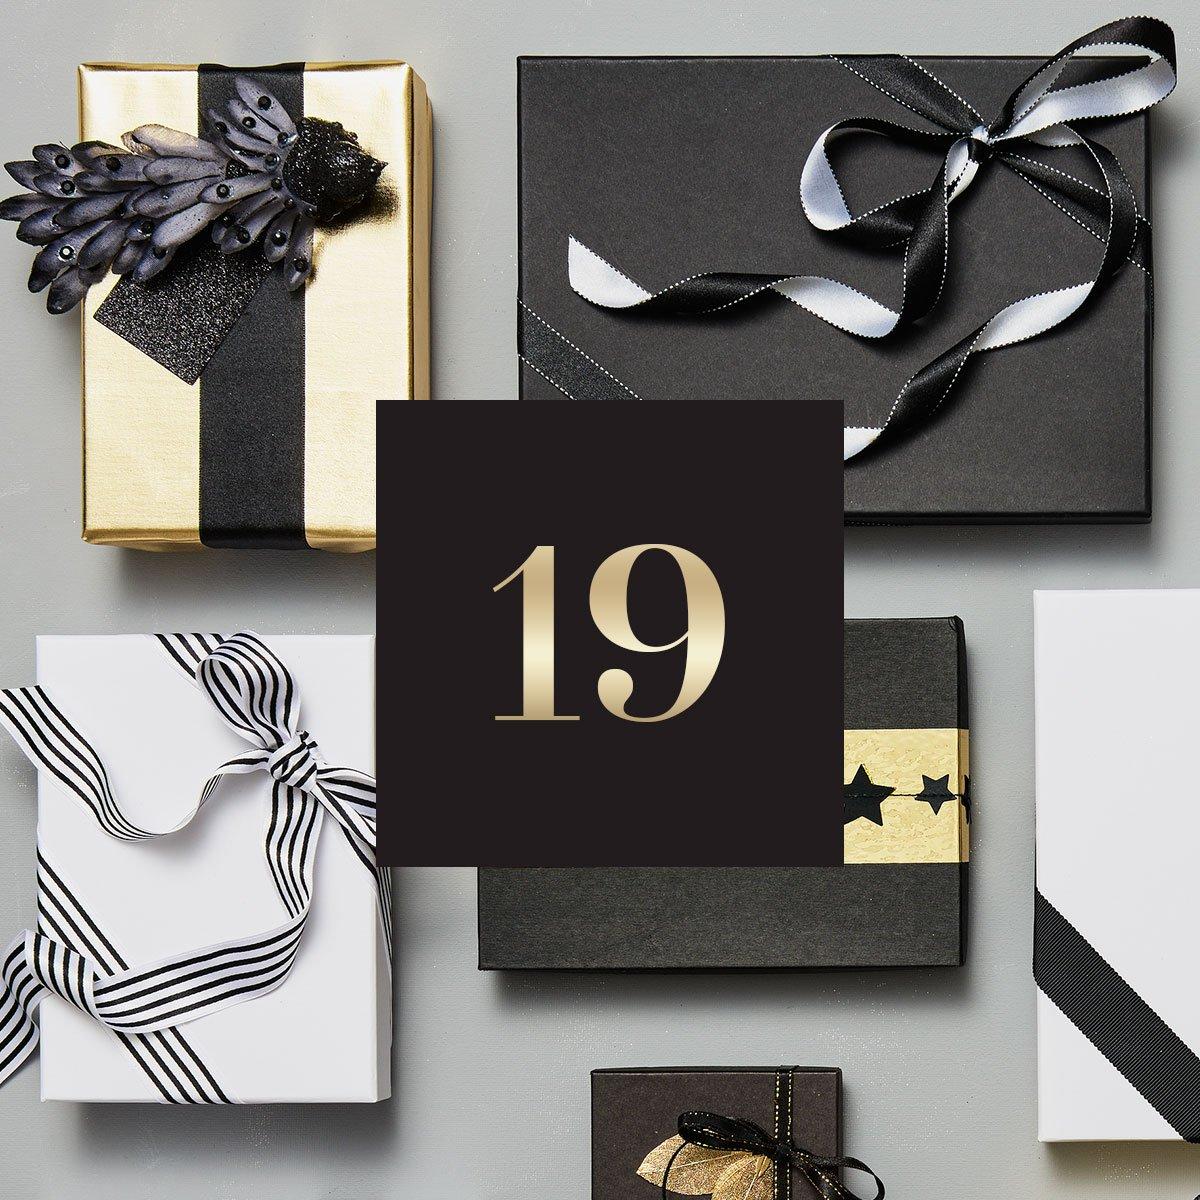 🔔 H&M CLUB Julekalender - 19. december 🔔 Tern eller striber er fint, når bare det er blødt og behageligt 🐻  Skynd dig ind i din H&M-app og se hvad der gemmer sig i dagens jule-reward, der gælder i vores butikker i dag. https://t.co/uCmN1F3gbX